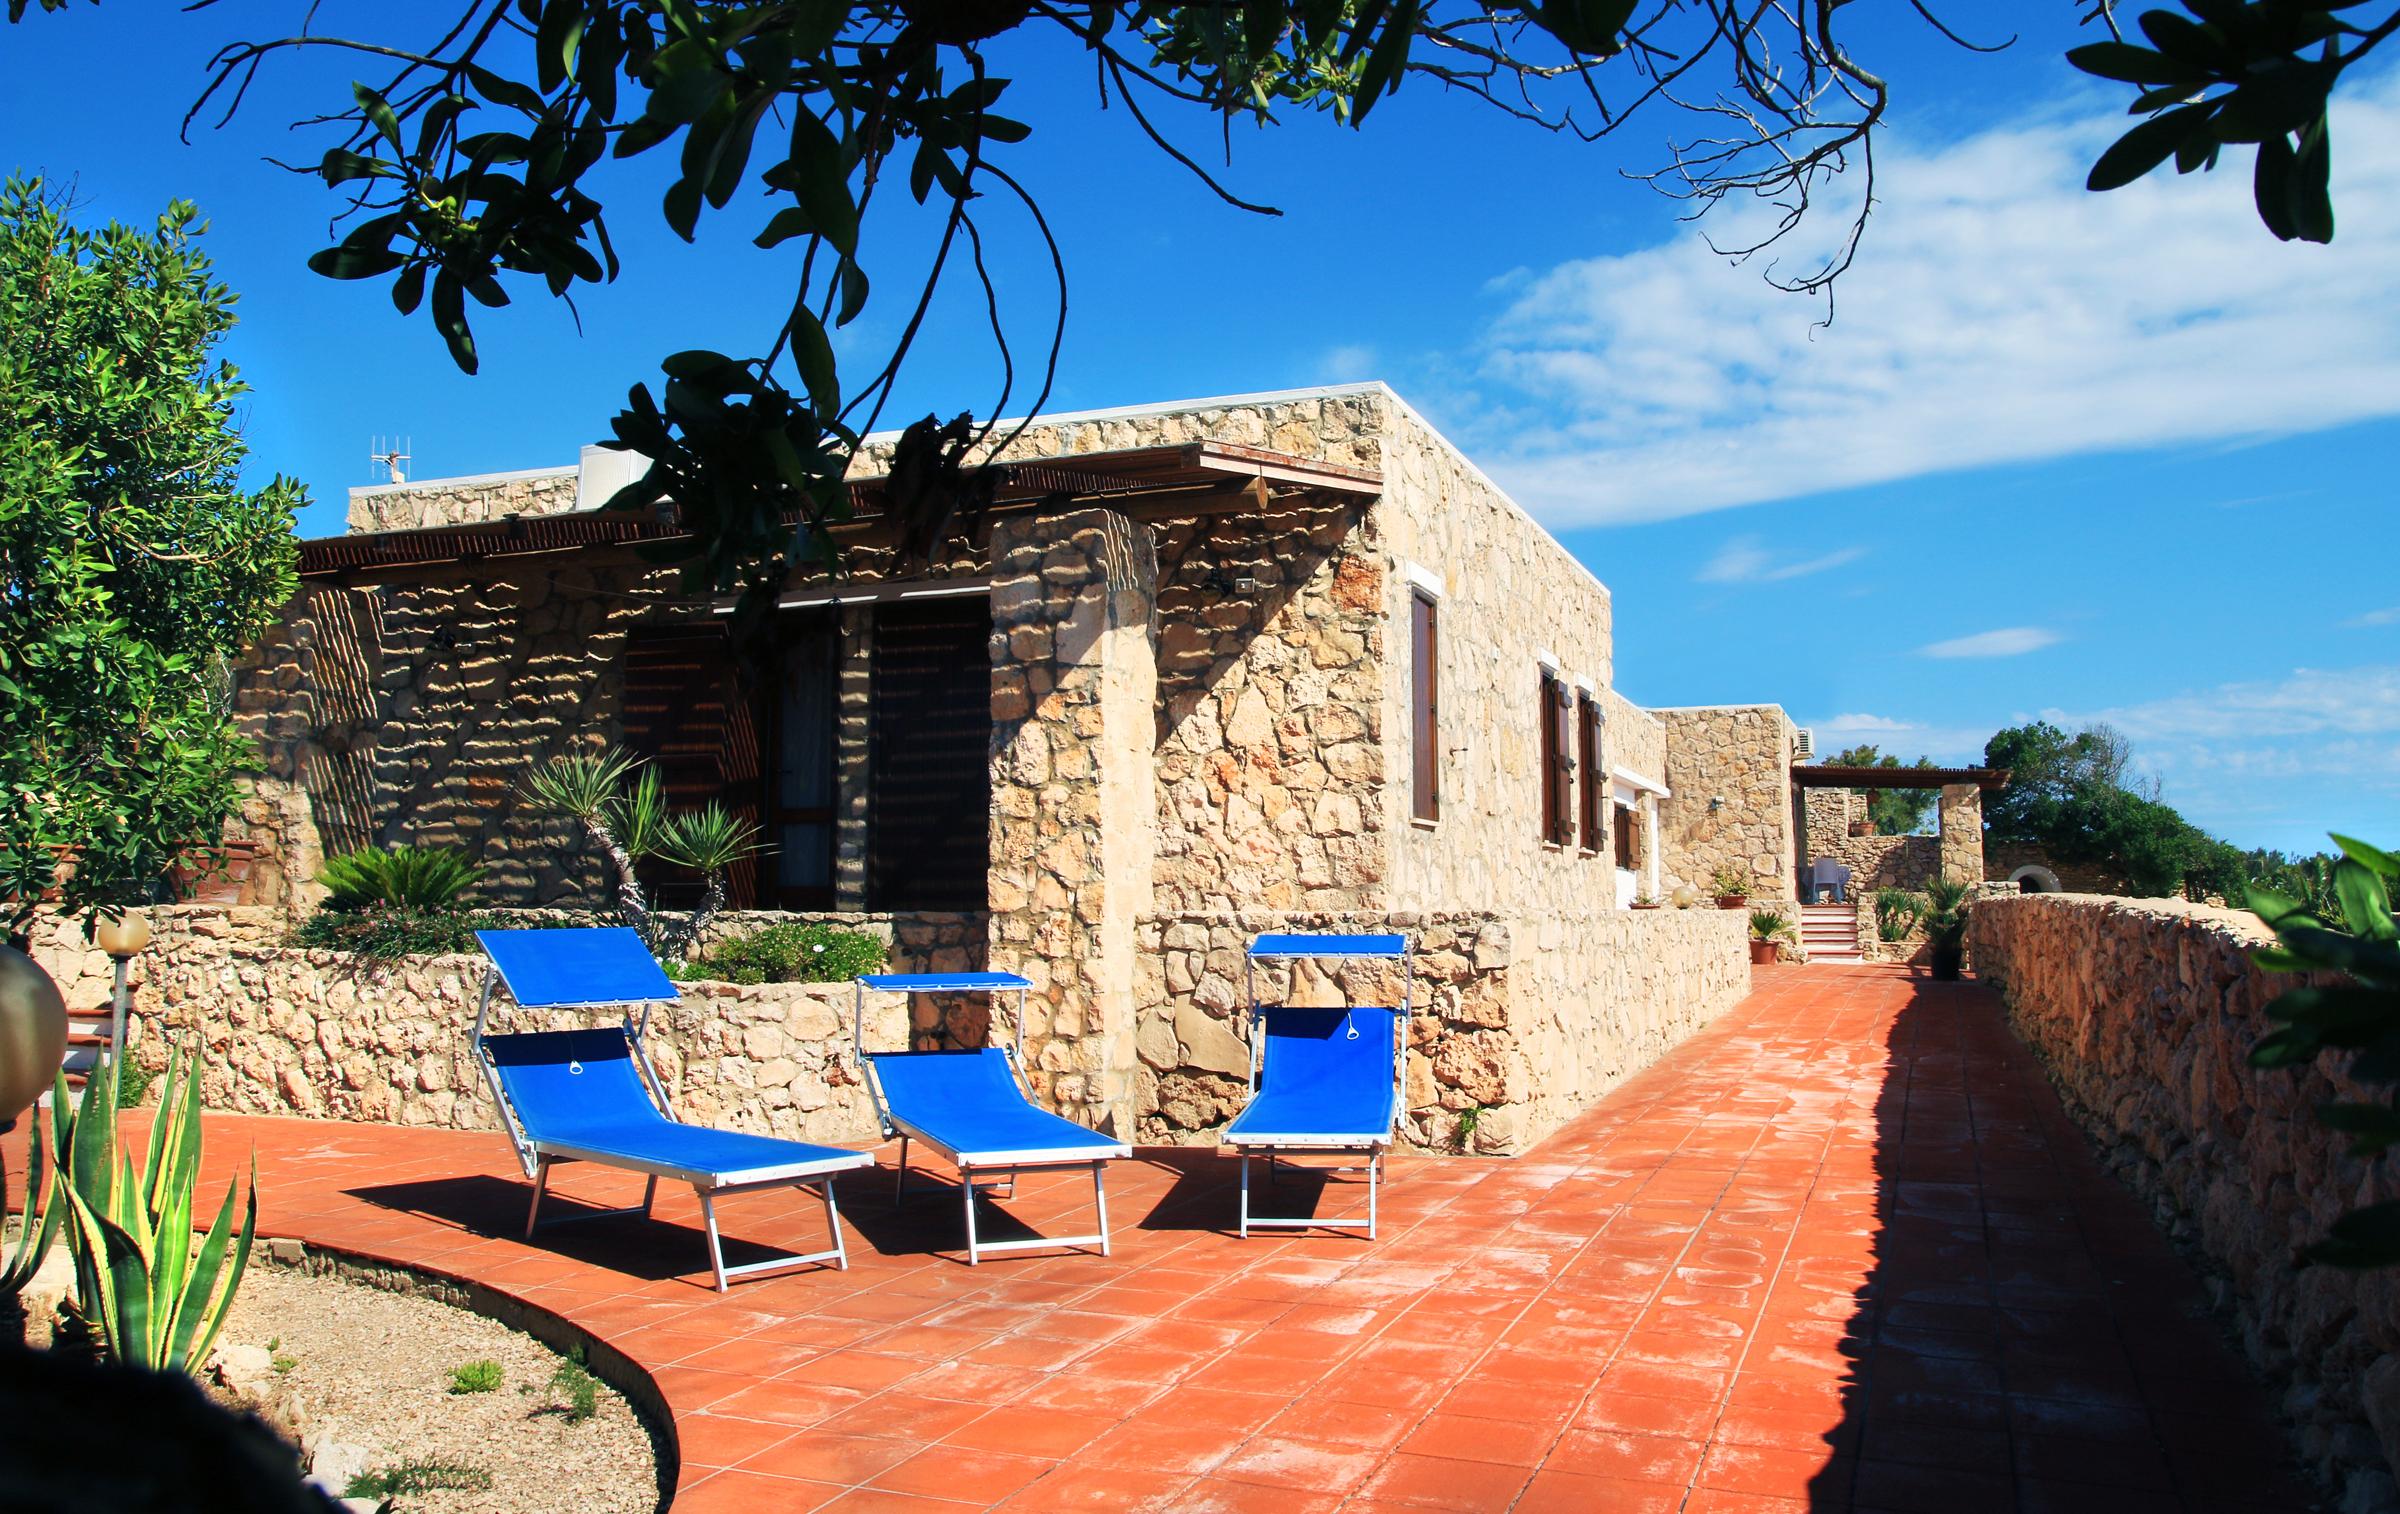 Villa bonaccia for Soggiorno a lampedusa